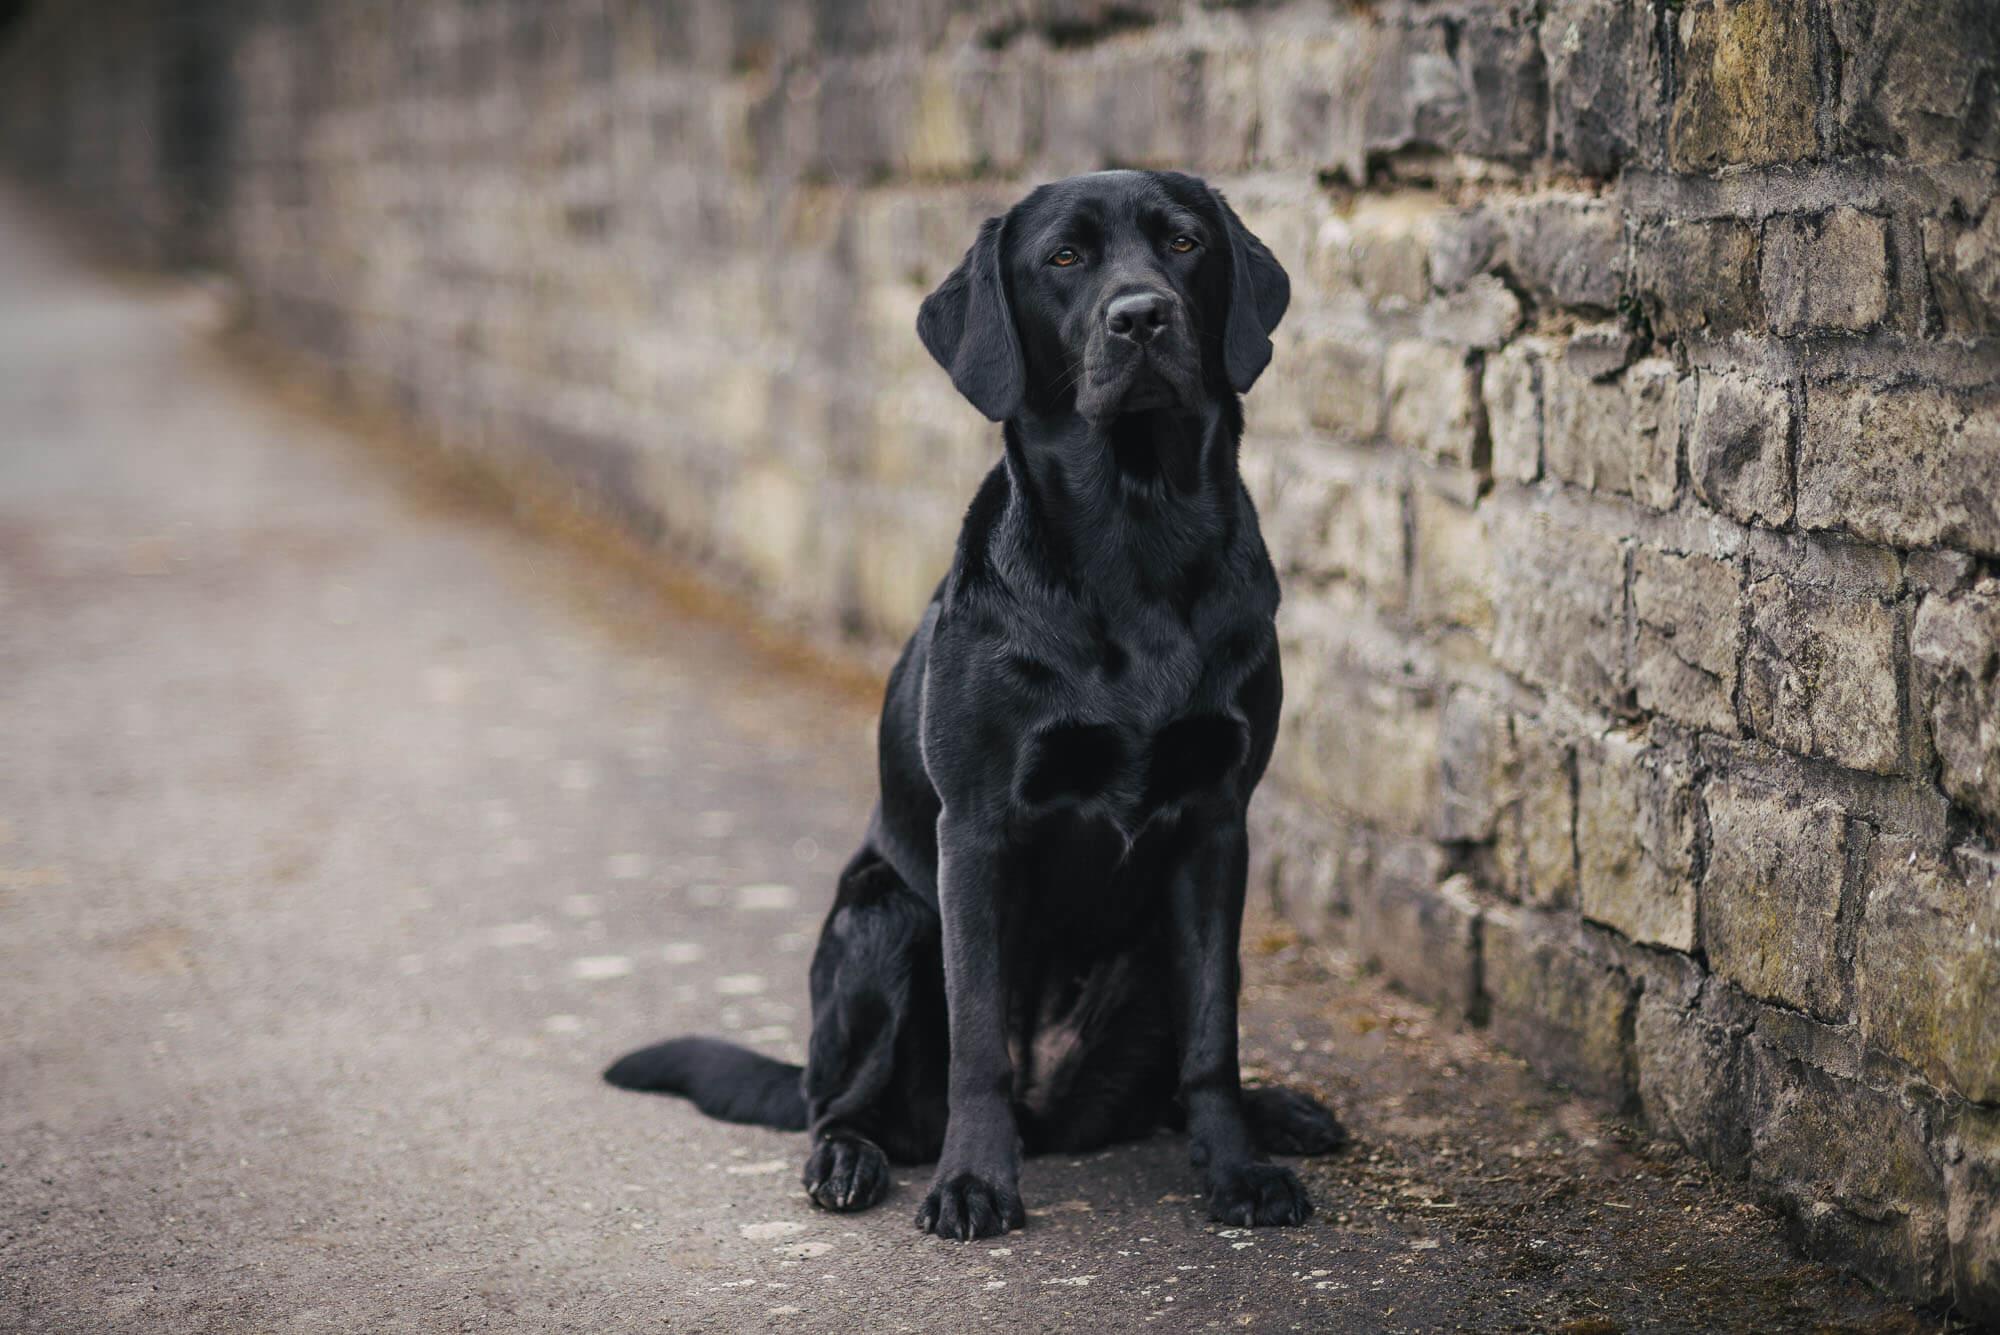 schwarzer-labrador-vor-einer-grauen-mauer-bearbeitet.jpg